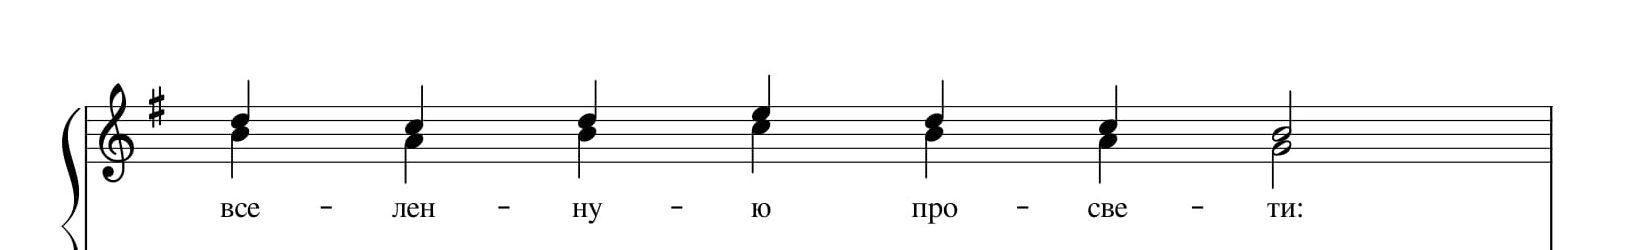 Тропарь свт. Иоанну Златоусту, валаамский распев